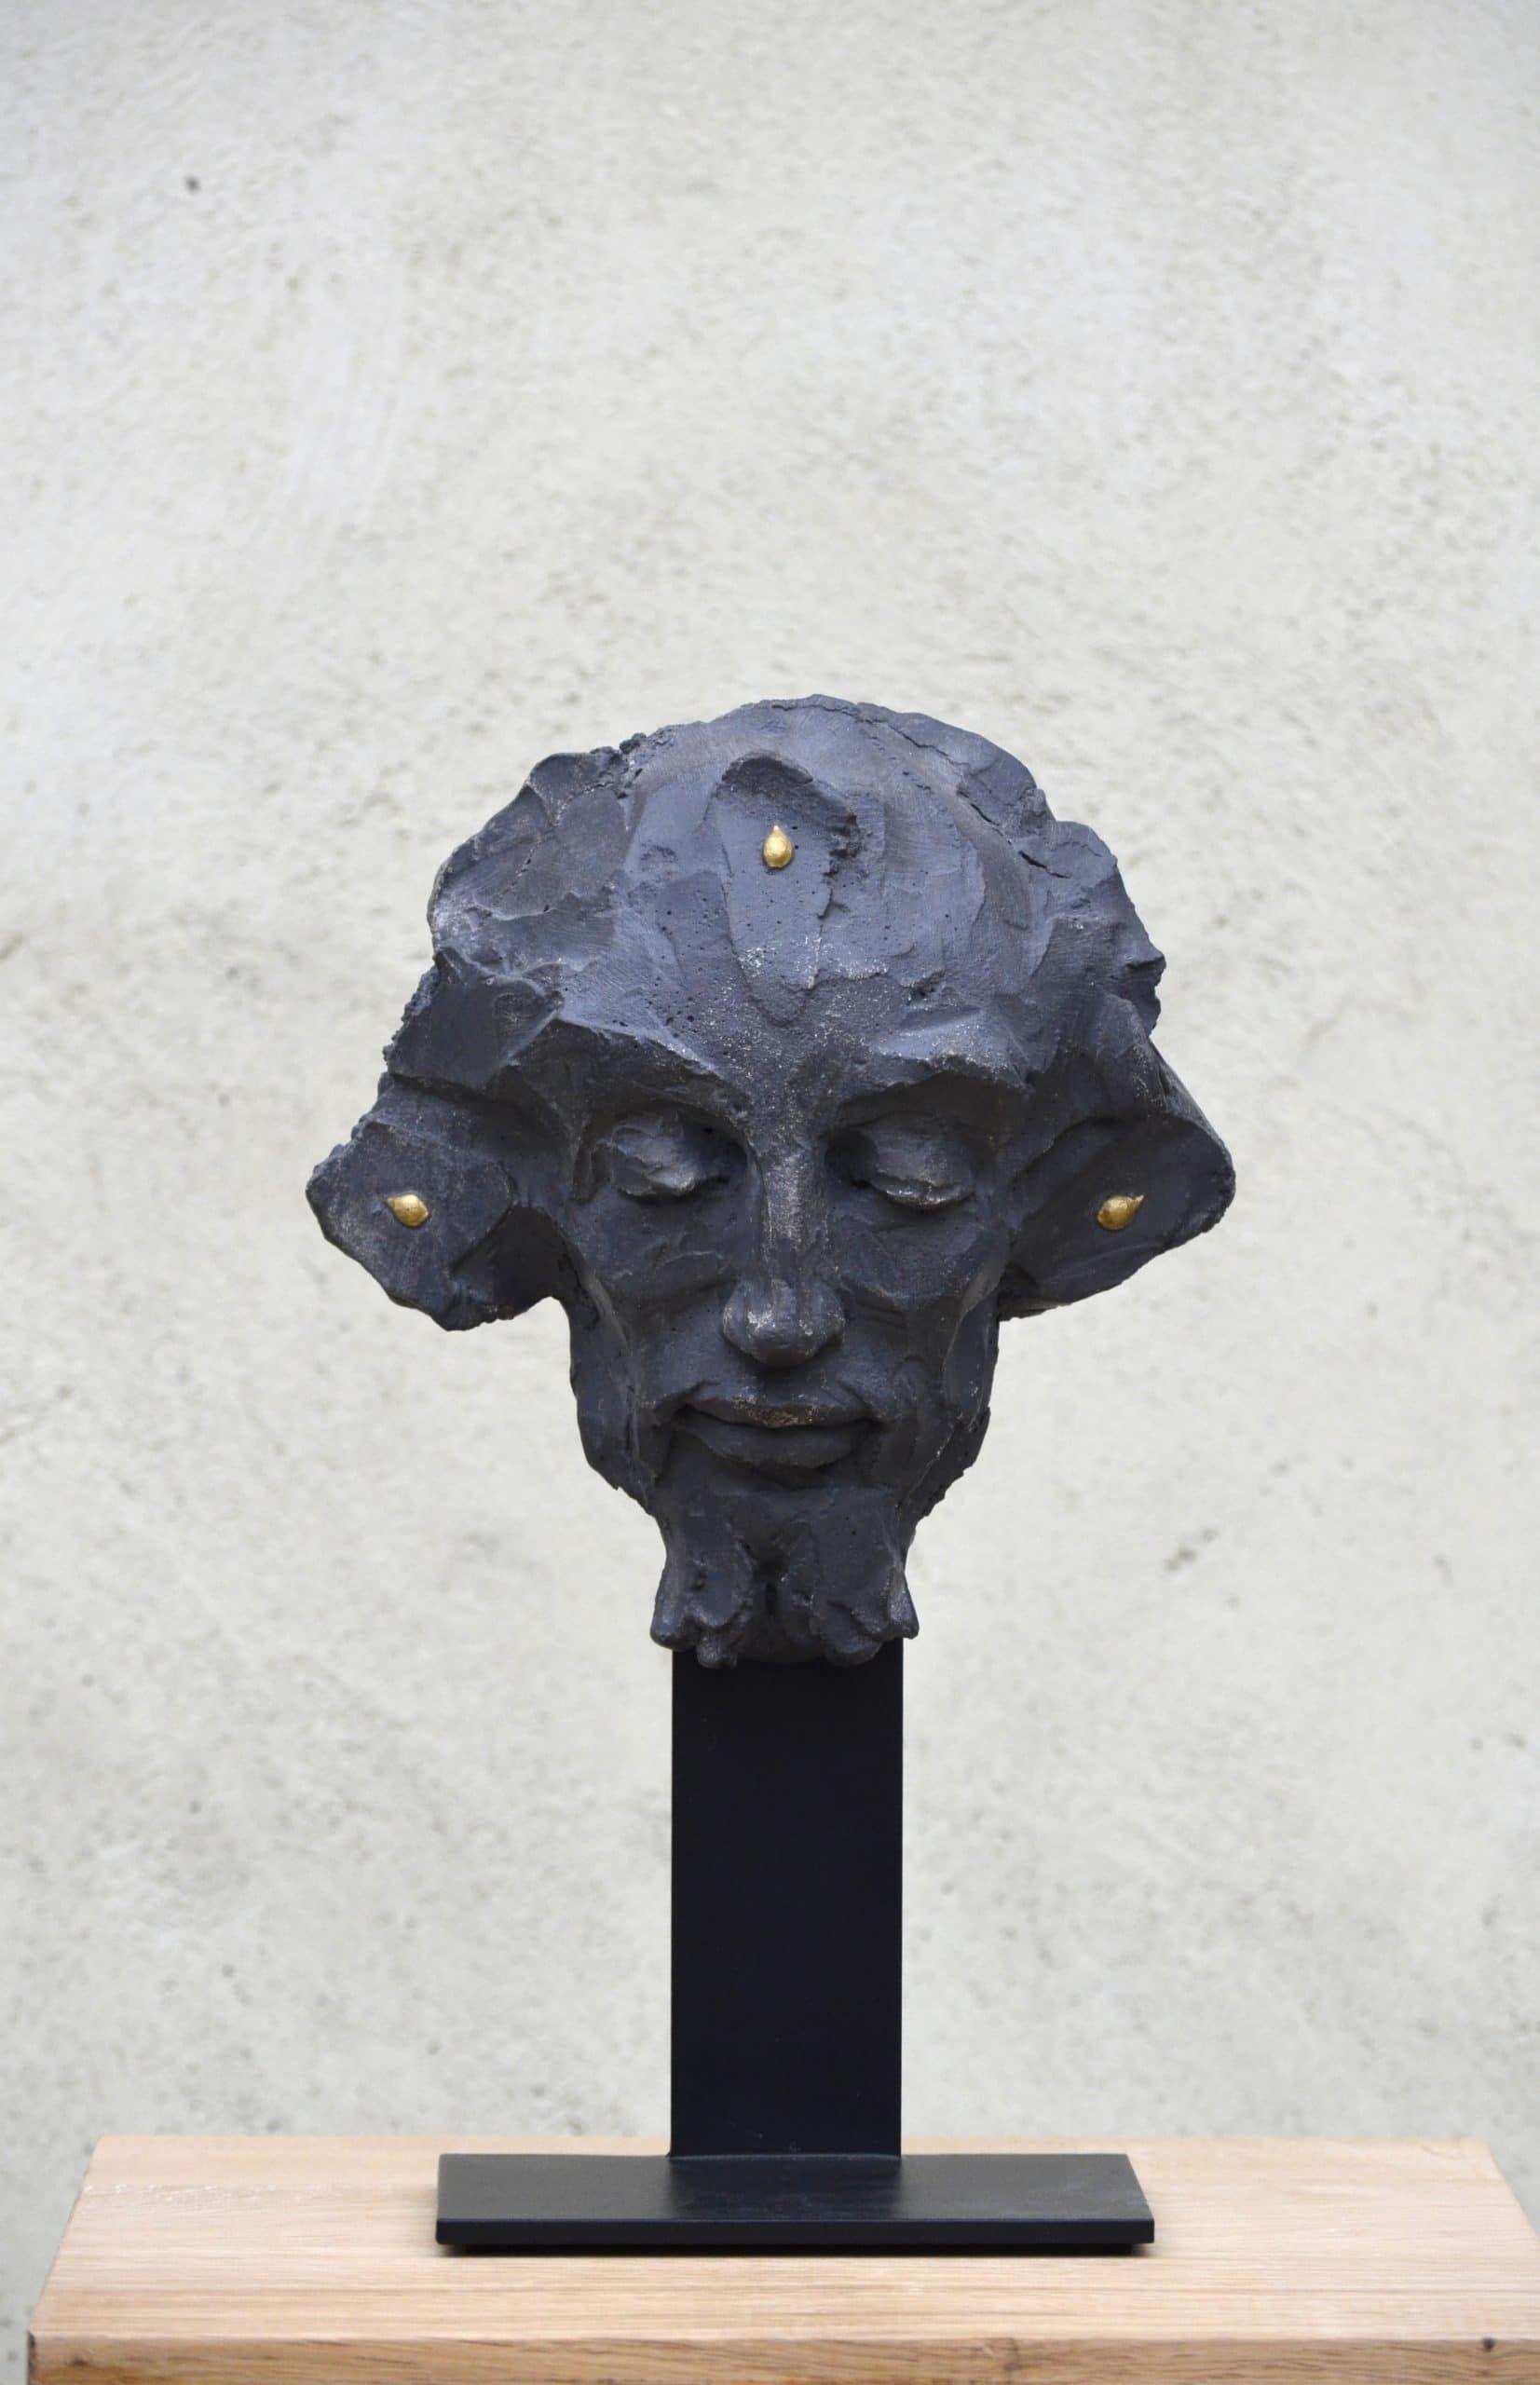 """"""" Head 3 """" béton, 50 x 31 x 27 cm, 2018 - Pièce unique"""